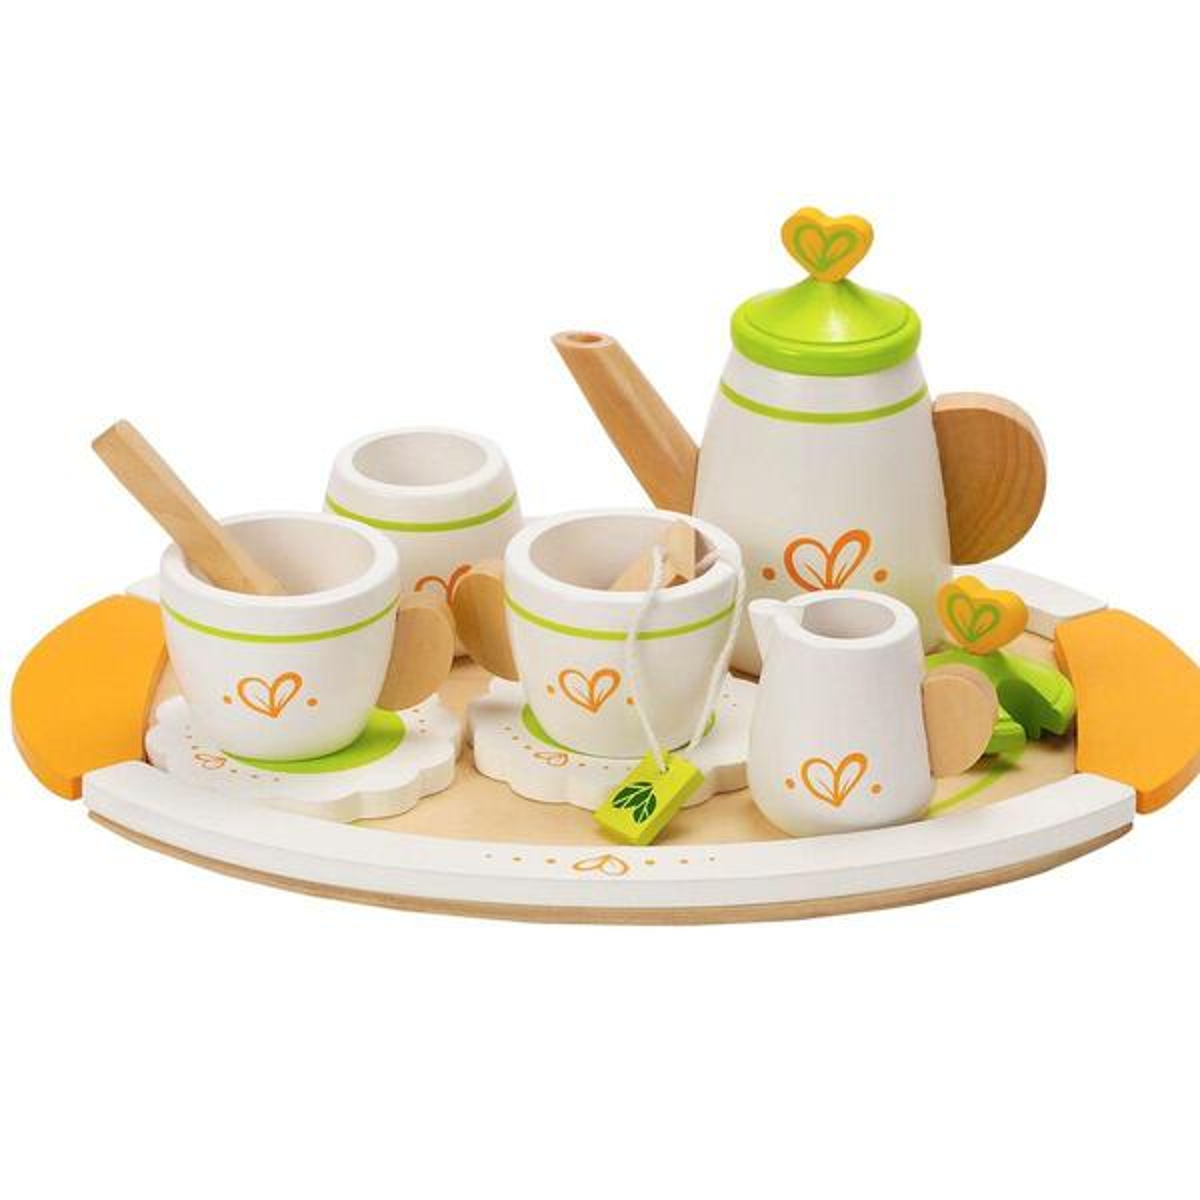 Hape - Dinette service à thé bois hape